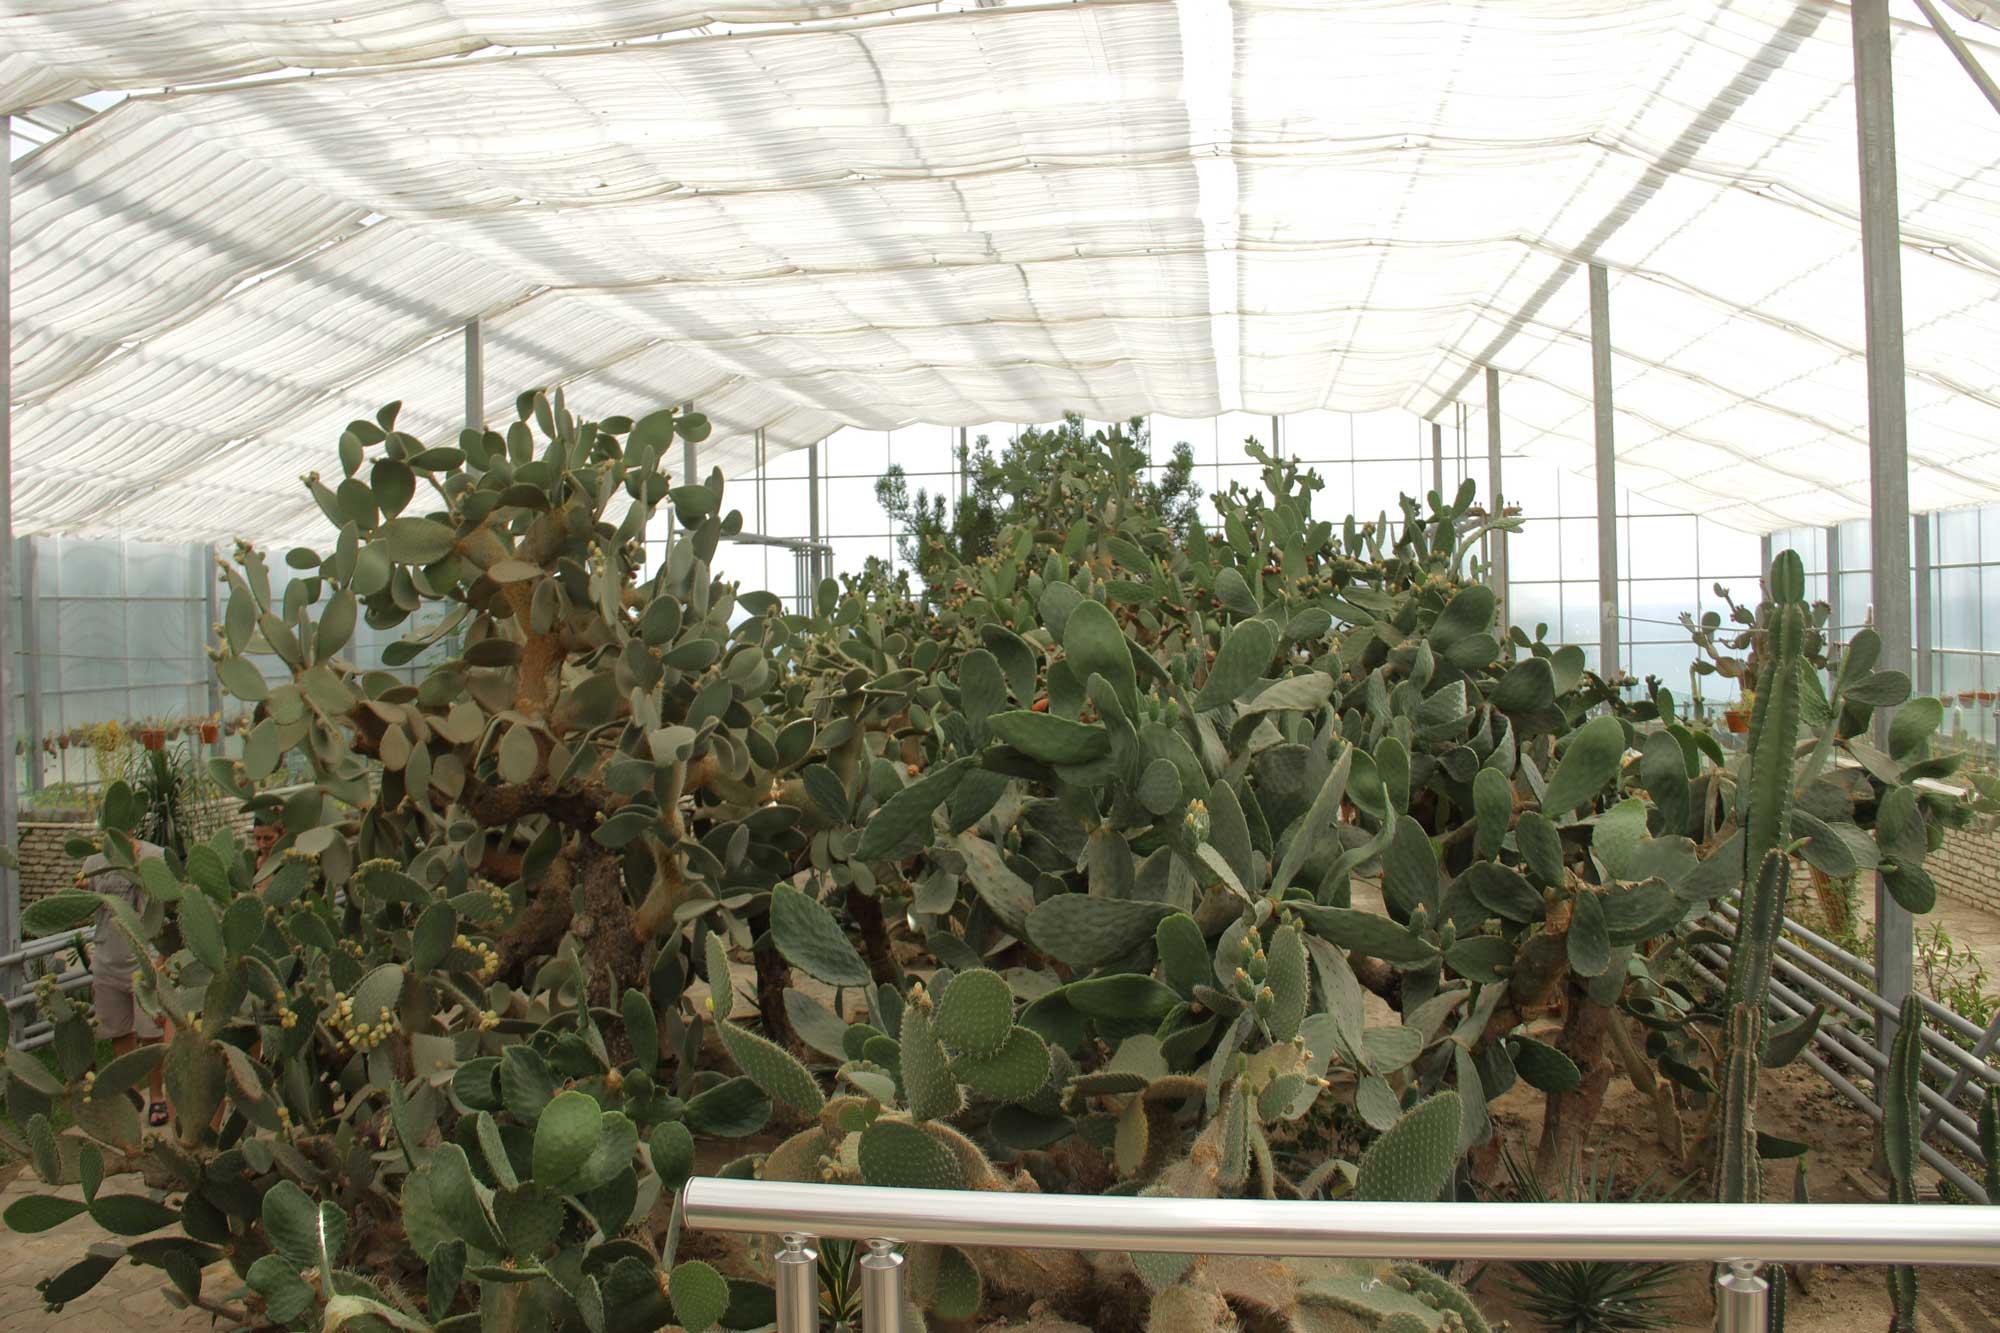 гигантская аранжерея с кактусами в бот саду